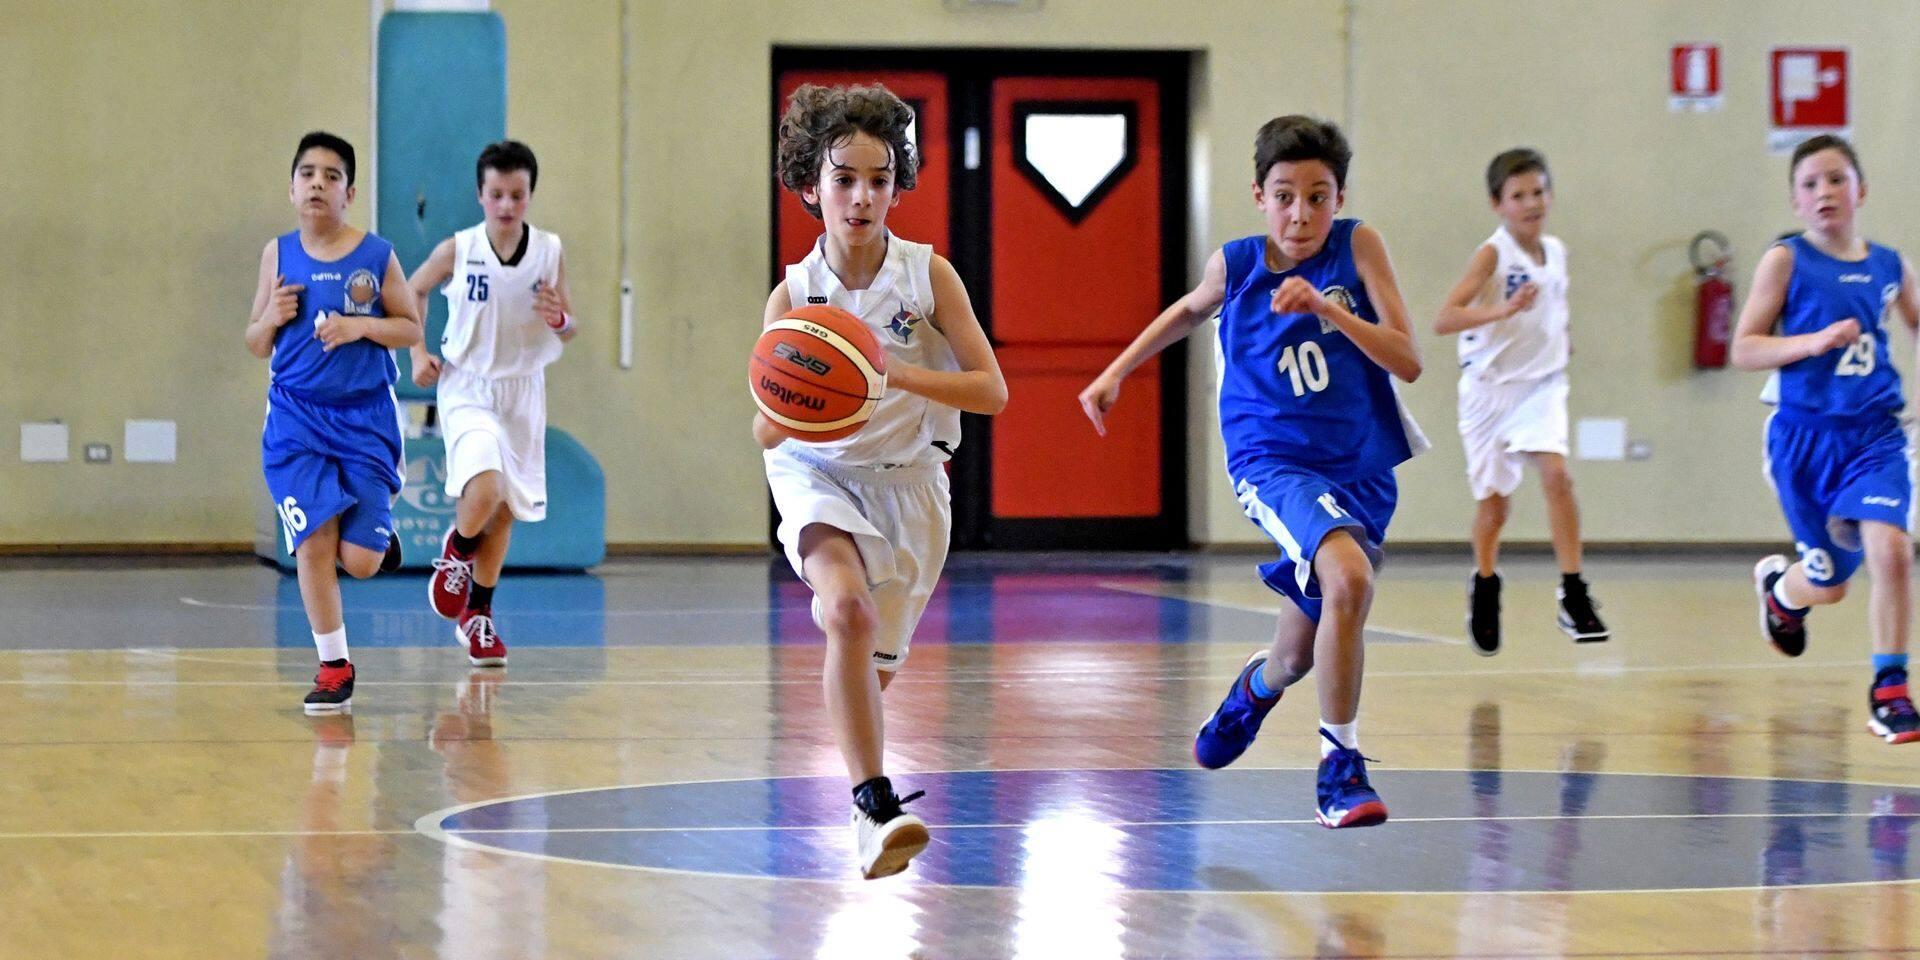 Plus de sport indoor en club pour les moins de 13 ans